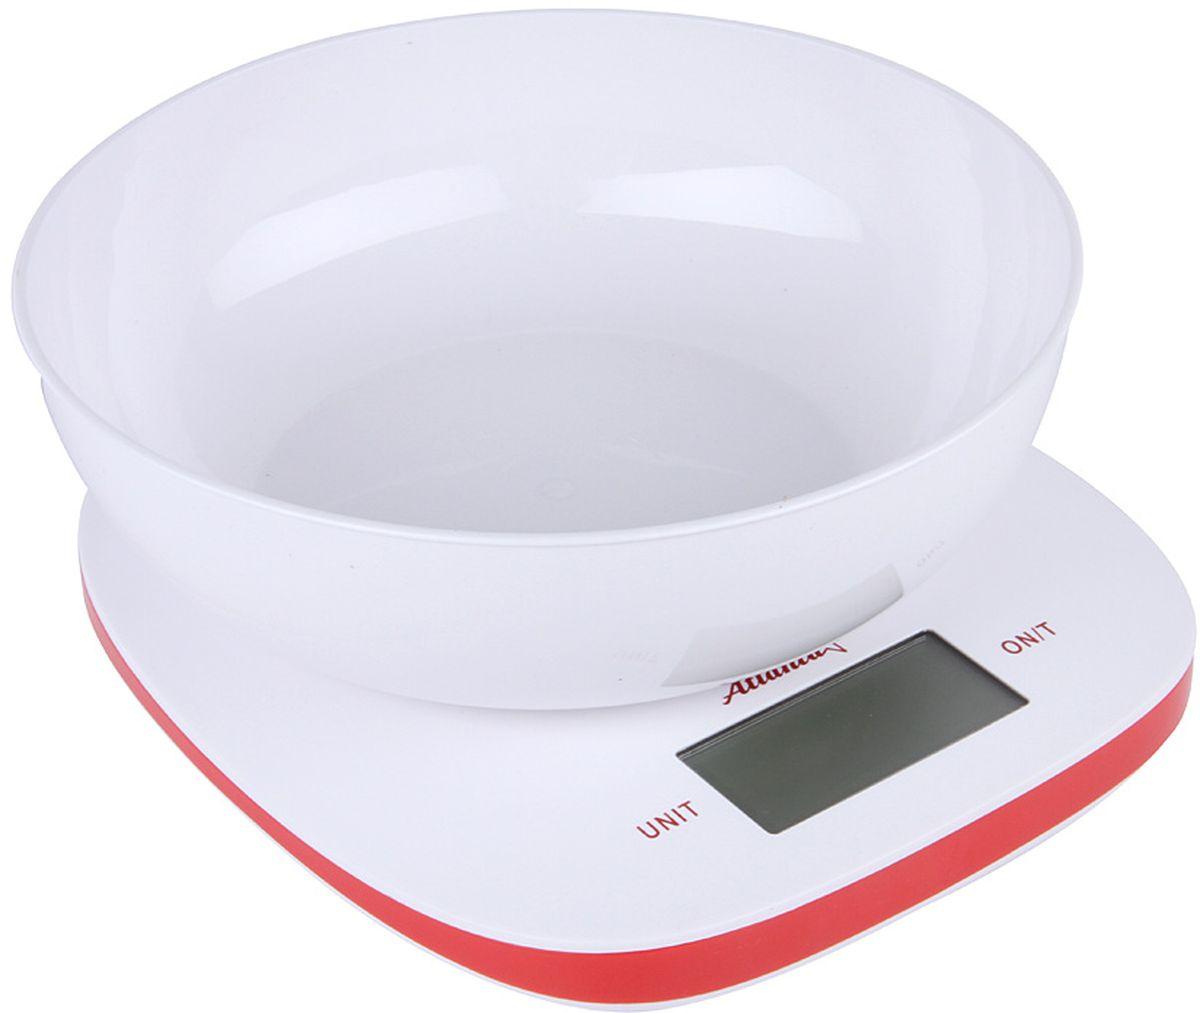 Atlanta ATH-6210, White Red весы кухонные